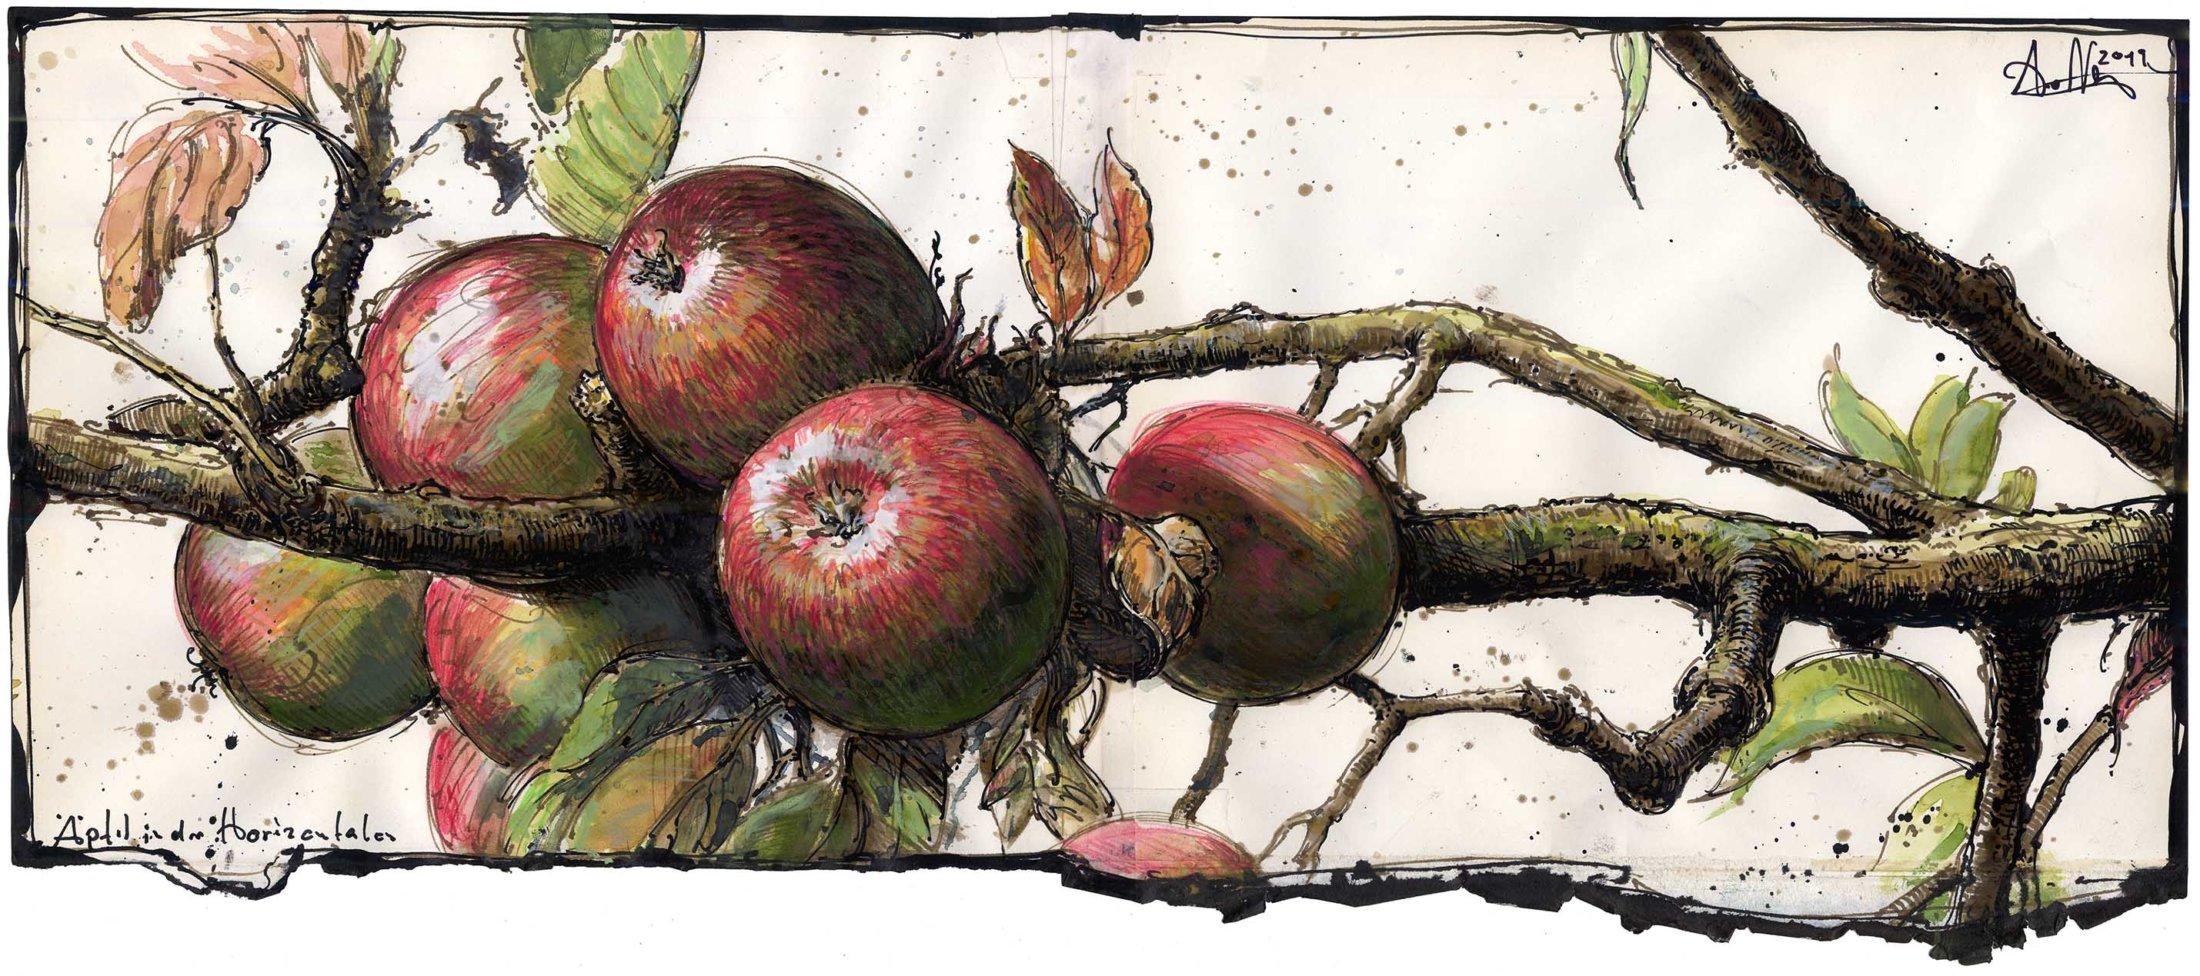 Äpfel in der Horizontalen